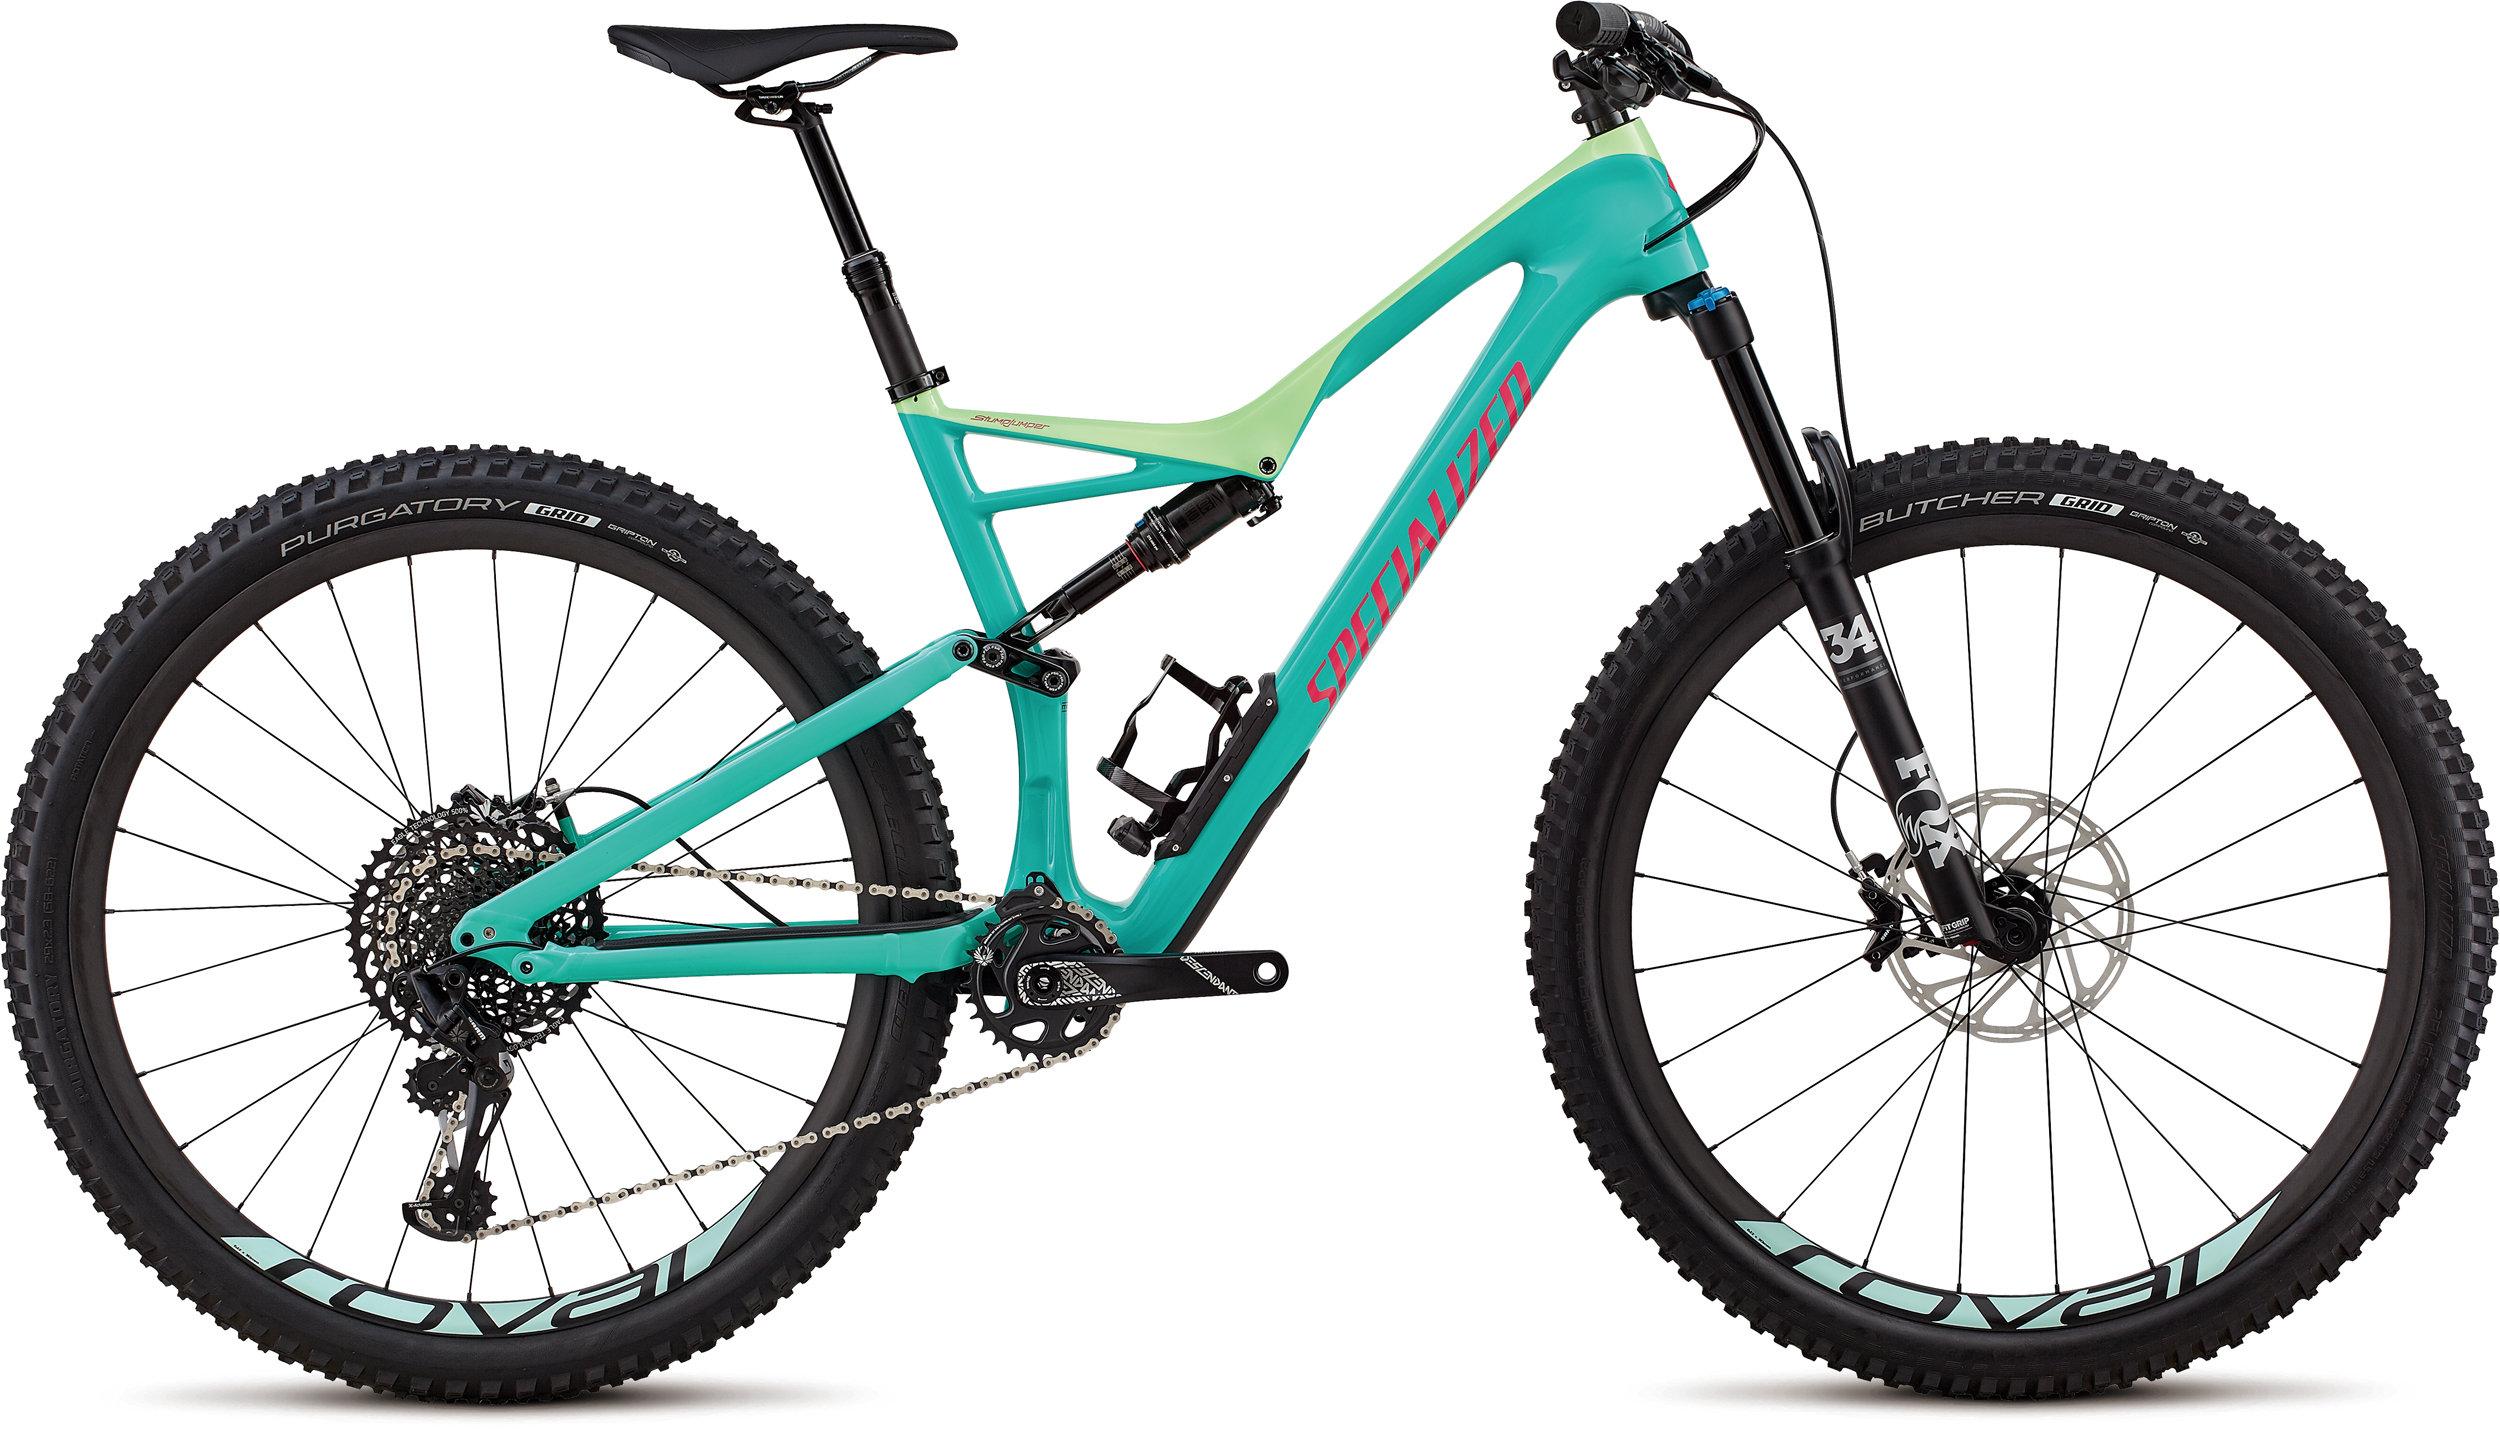 Specialized Stumpjumper Expert 29/6Fattie HERITAGE GLOSS ACID MINT / ACID KIWI / ACID PINK S - Bike Maniac